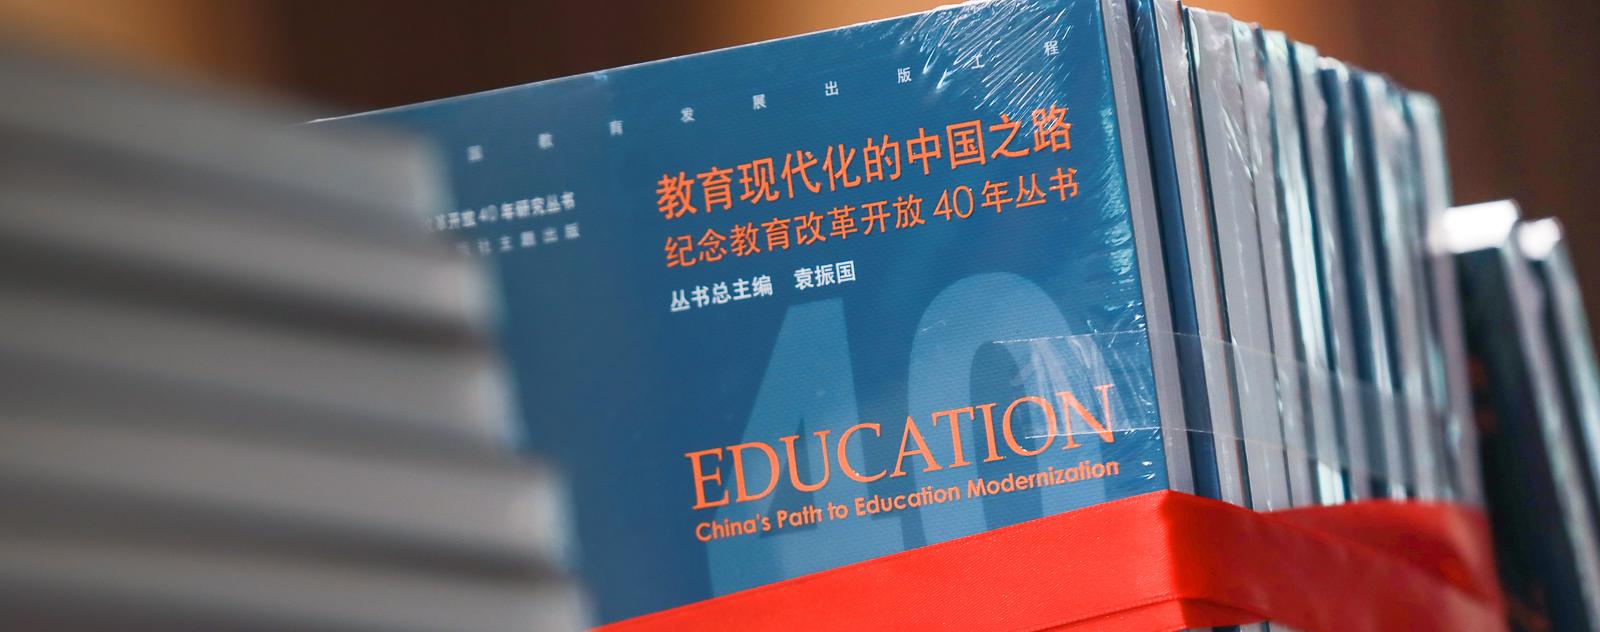 """纪念改革开放40年研讨会暨《教育现代化的中国之路》丛书首发式在校举行  """"教育改革:从哪里来,到哪里去"""""""